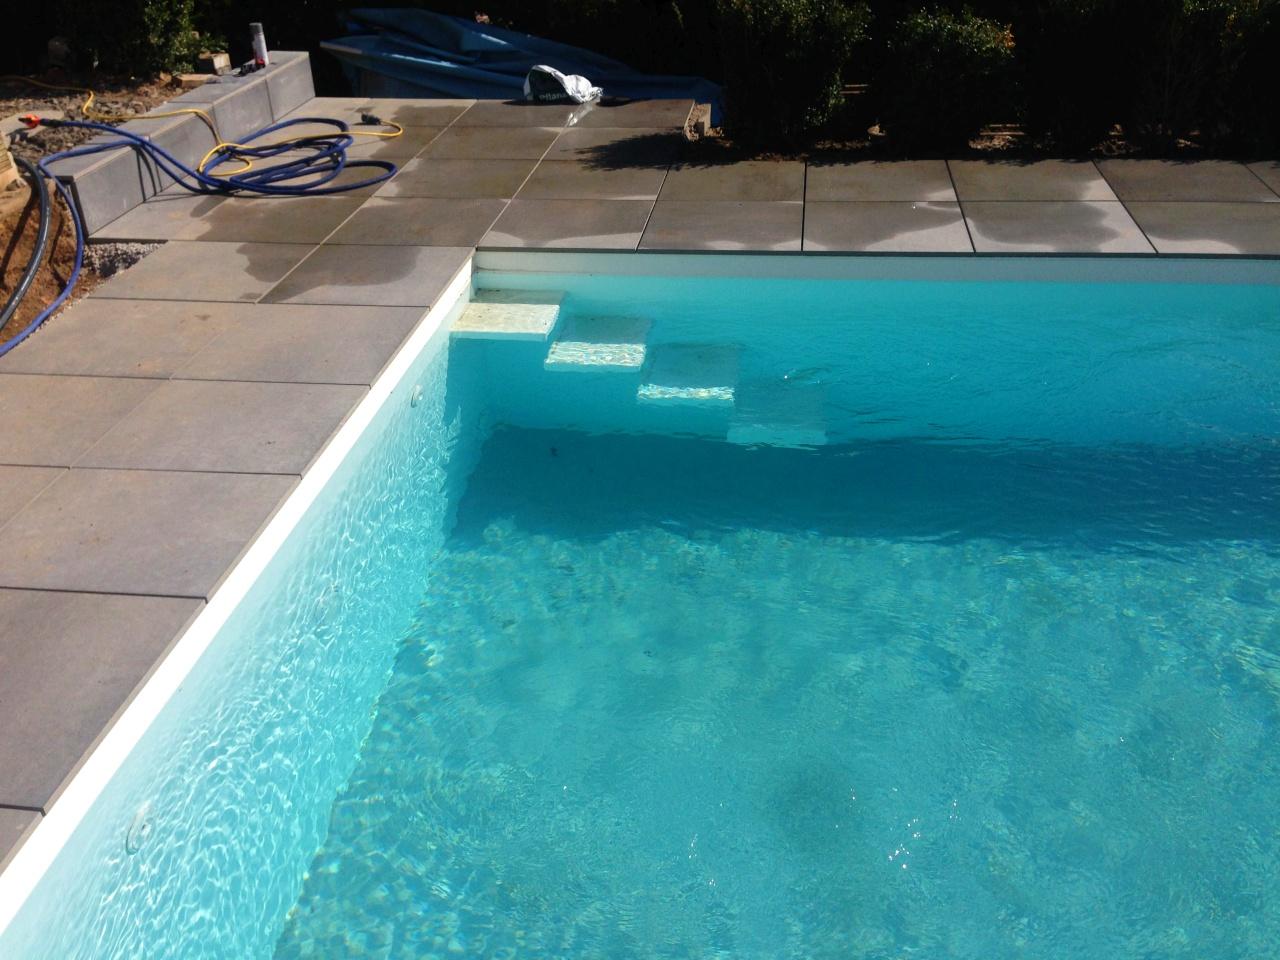 Vogel pool gmbh schwimmbecken aus polypropylen gfk und for Pool im boden